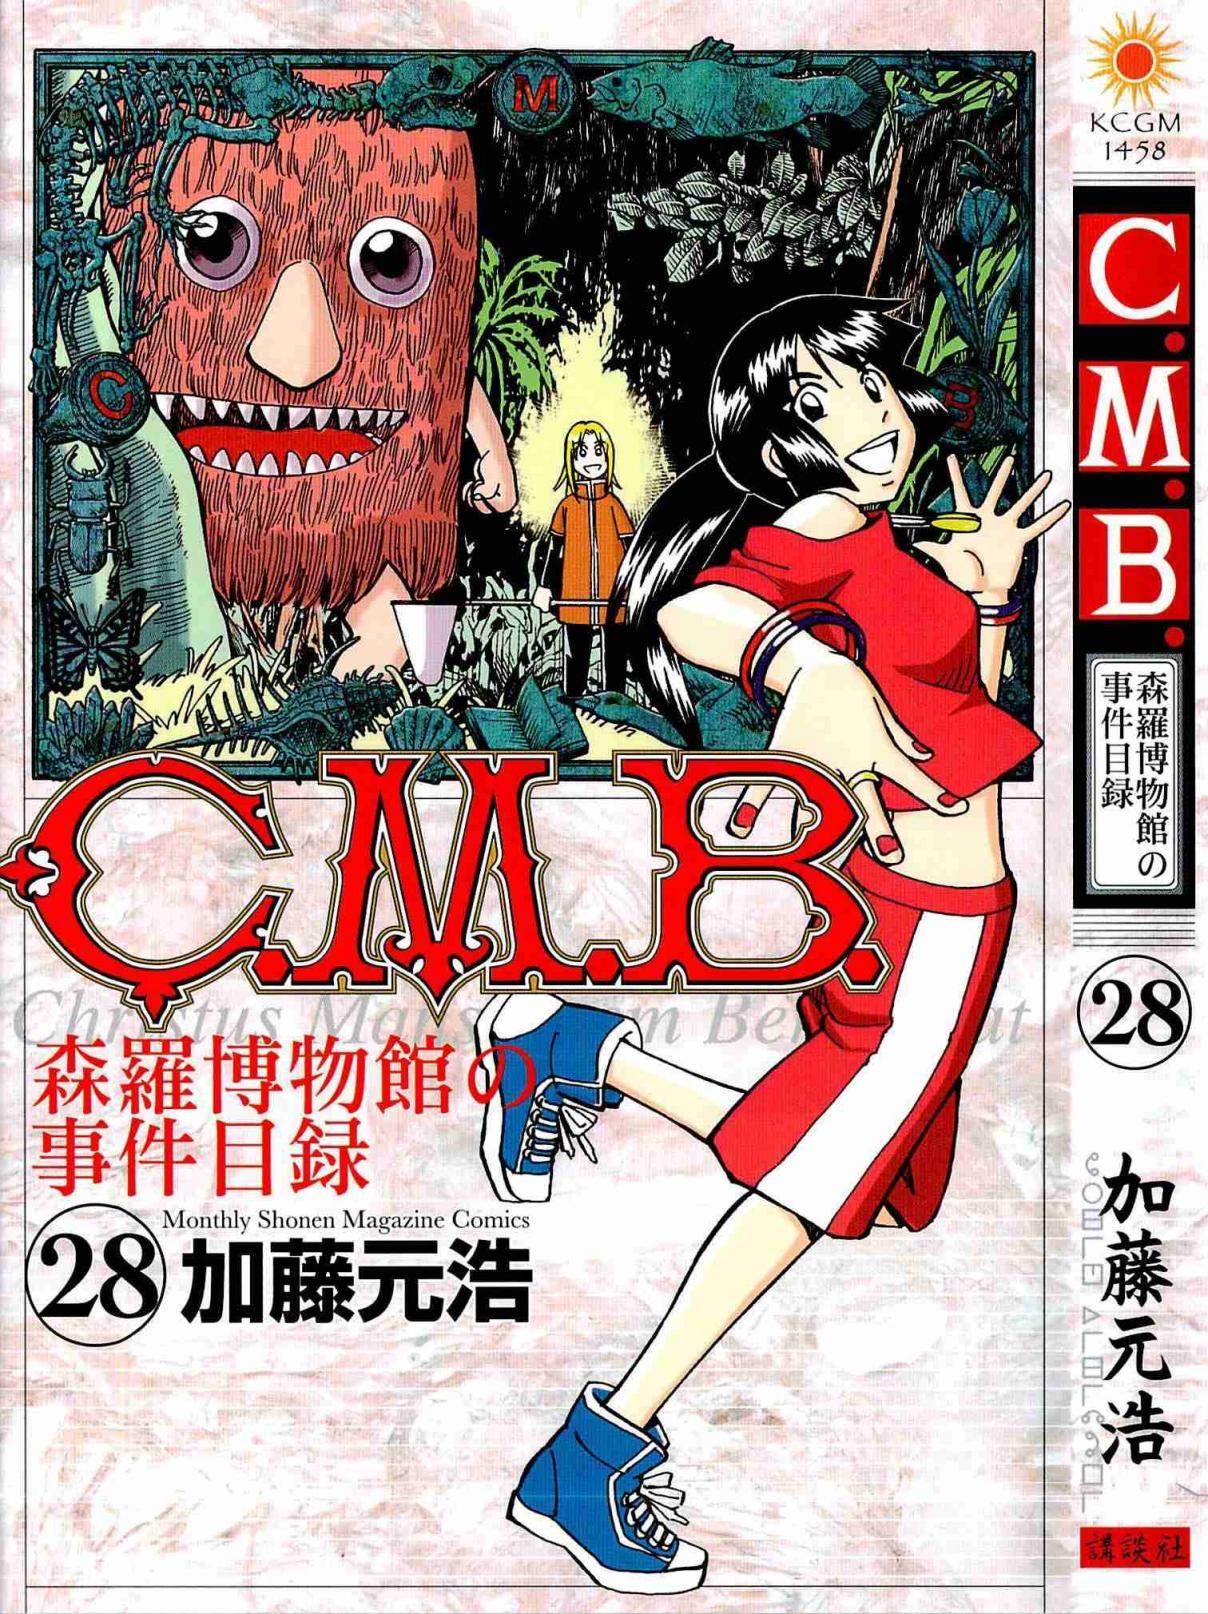 https://img2.nineanime.com/comics/pic3/58/11194/1491118/397d991d3c5b8183562b39b2fab837b2.jpg Page 1